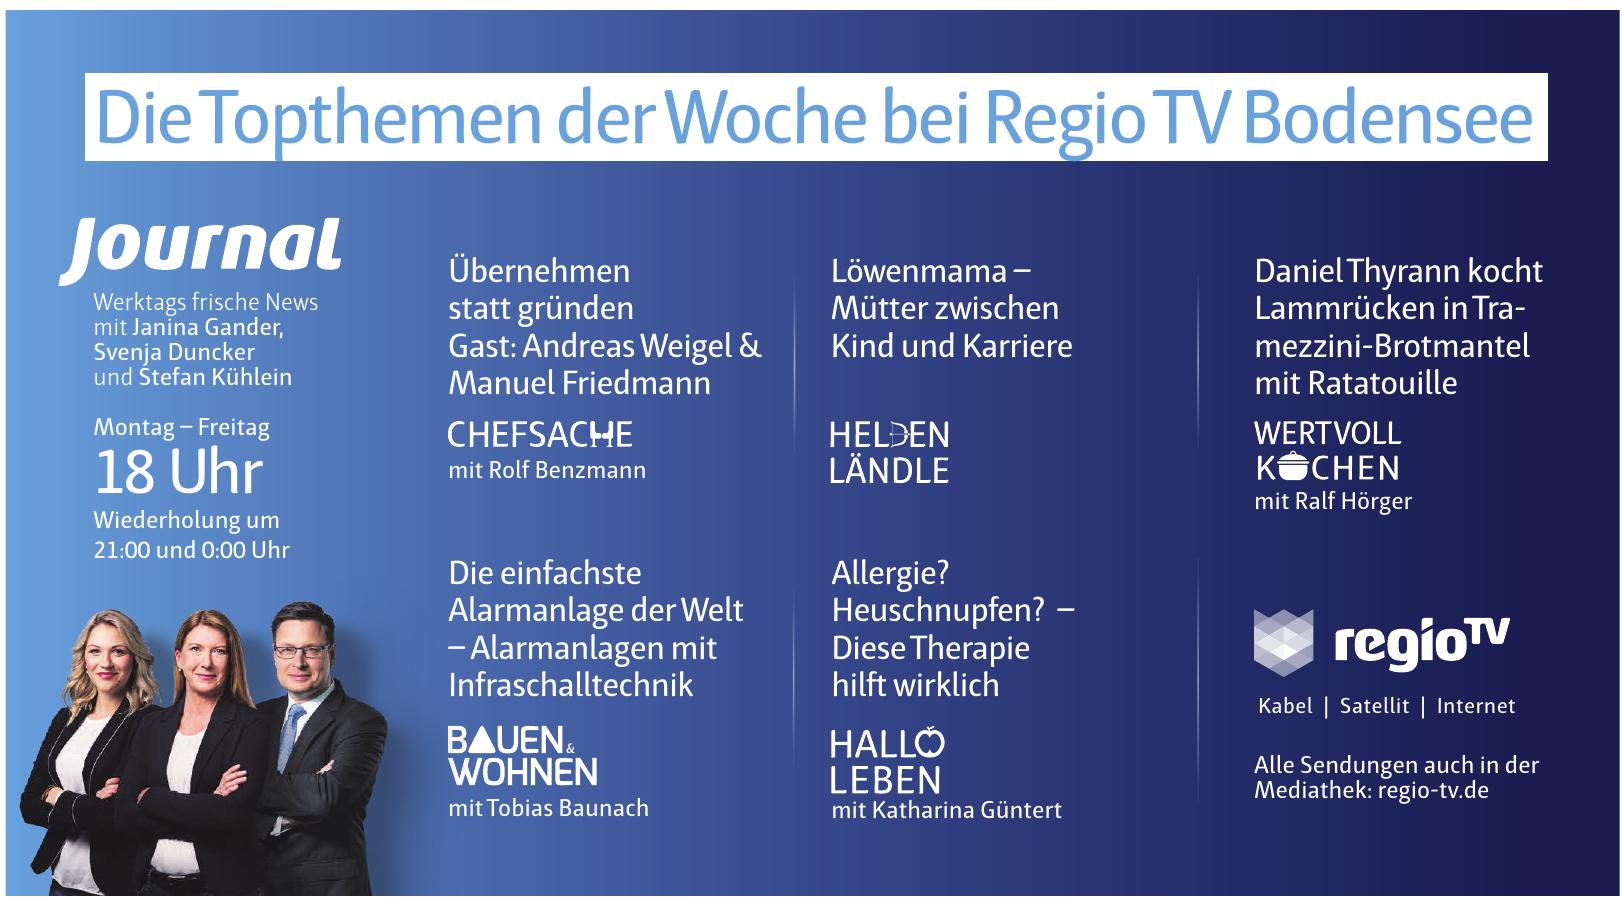 Regio TV Bodensee